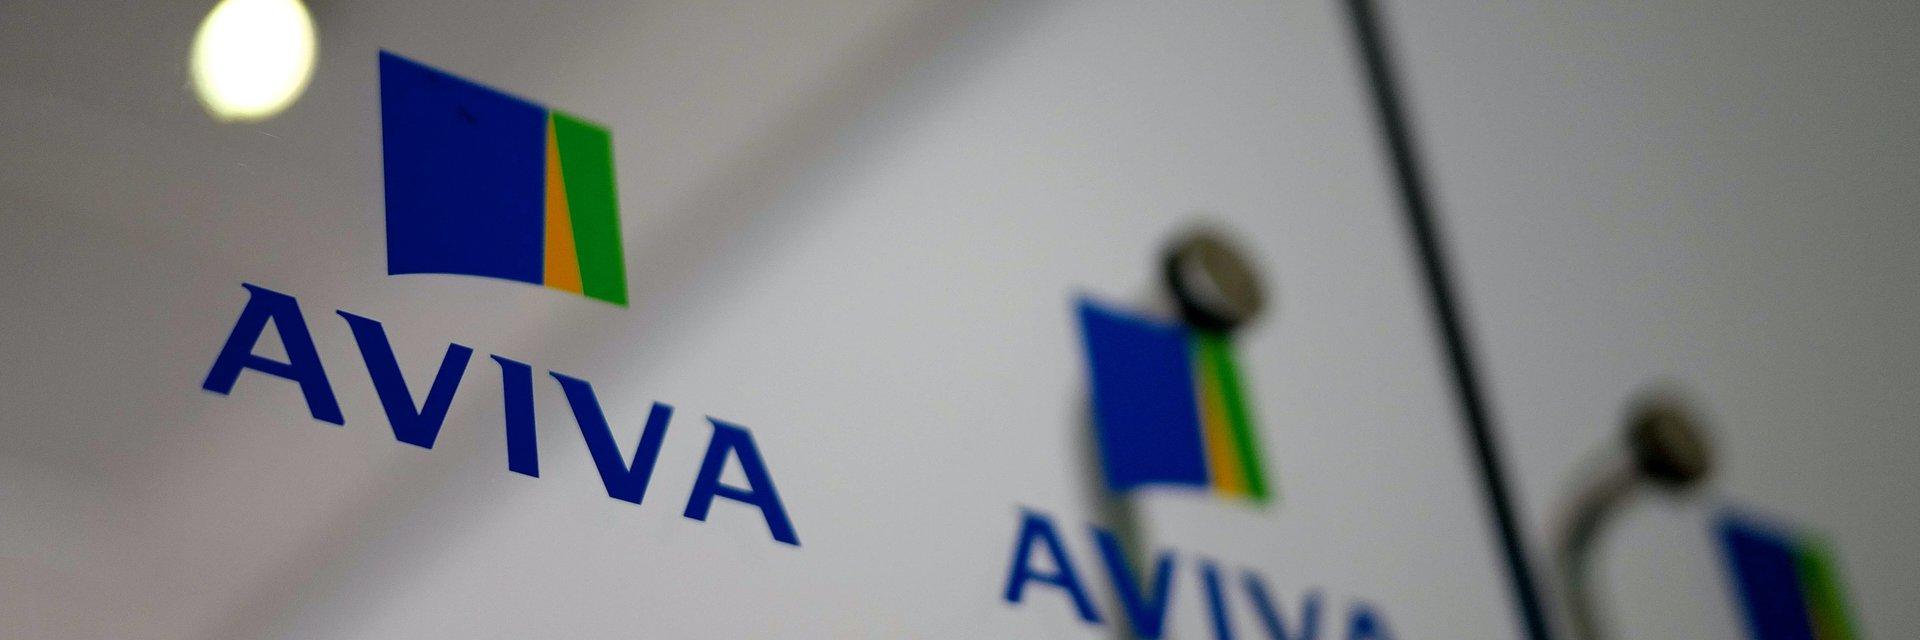 Wioletta Morawska zastąpi Jana Linke w zarządzie Aviva PTE